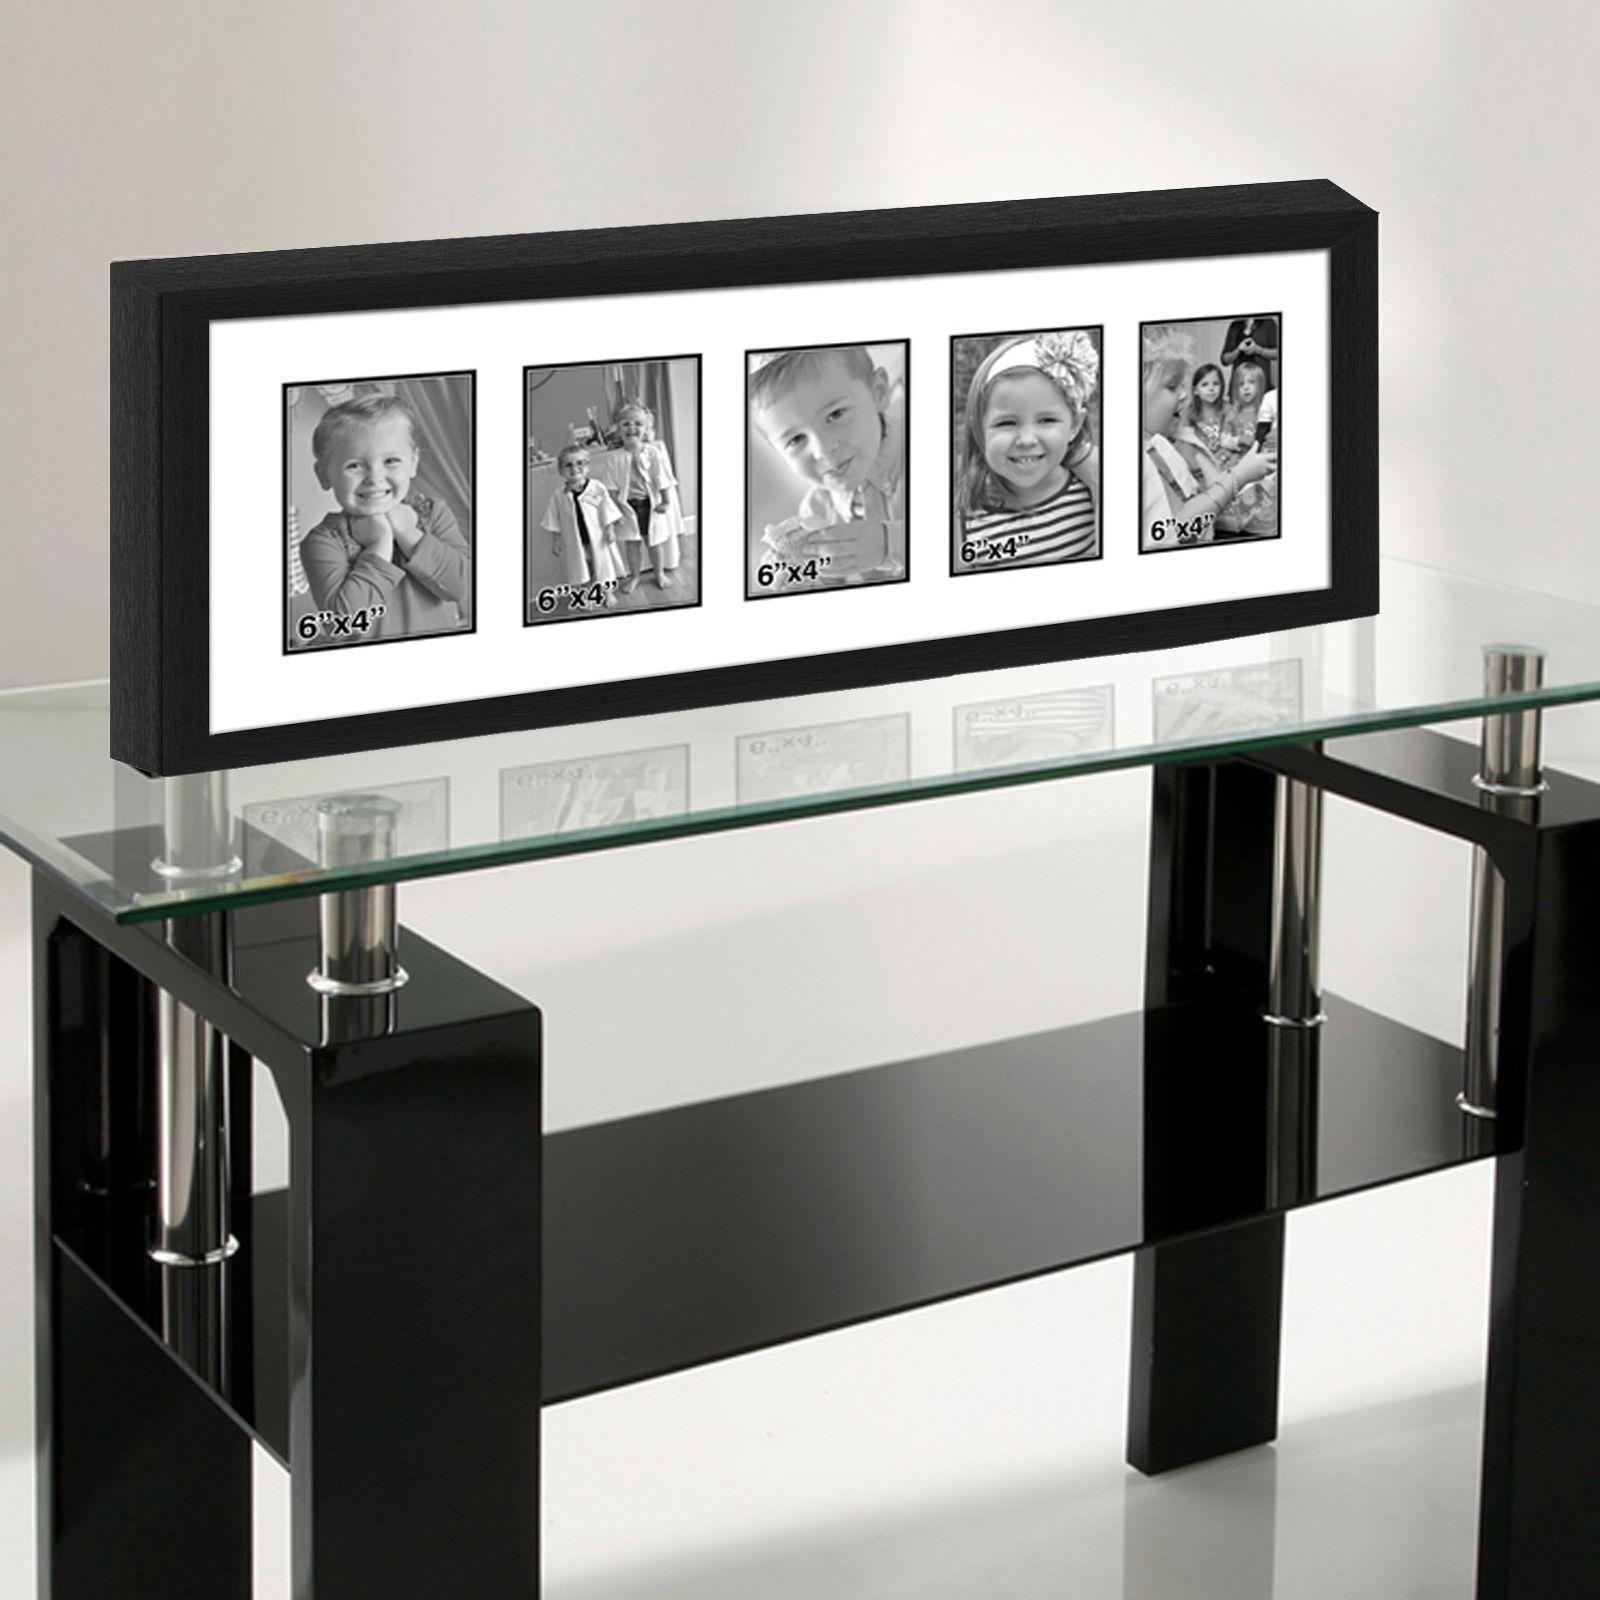 Elegant Arts & Frames Wood Black Collage Photo Frame - Pack of 1